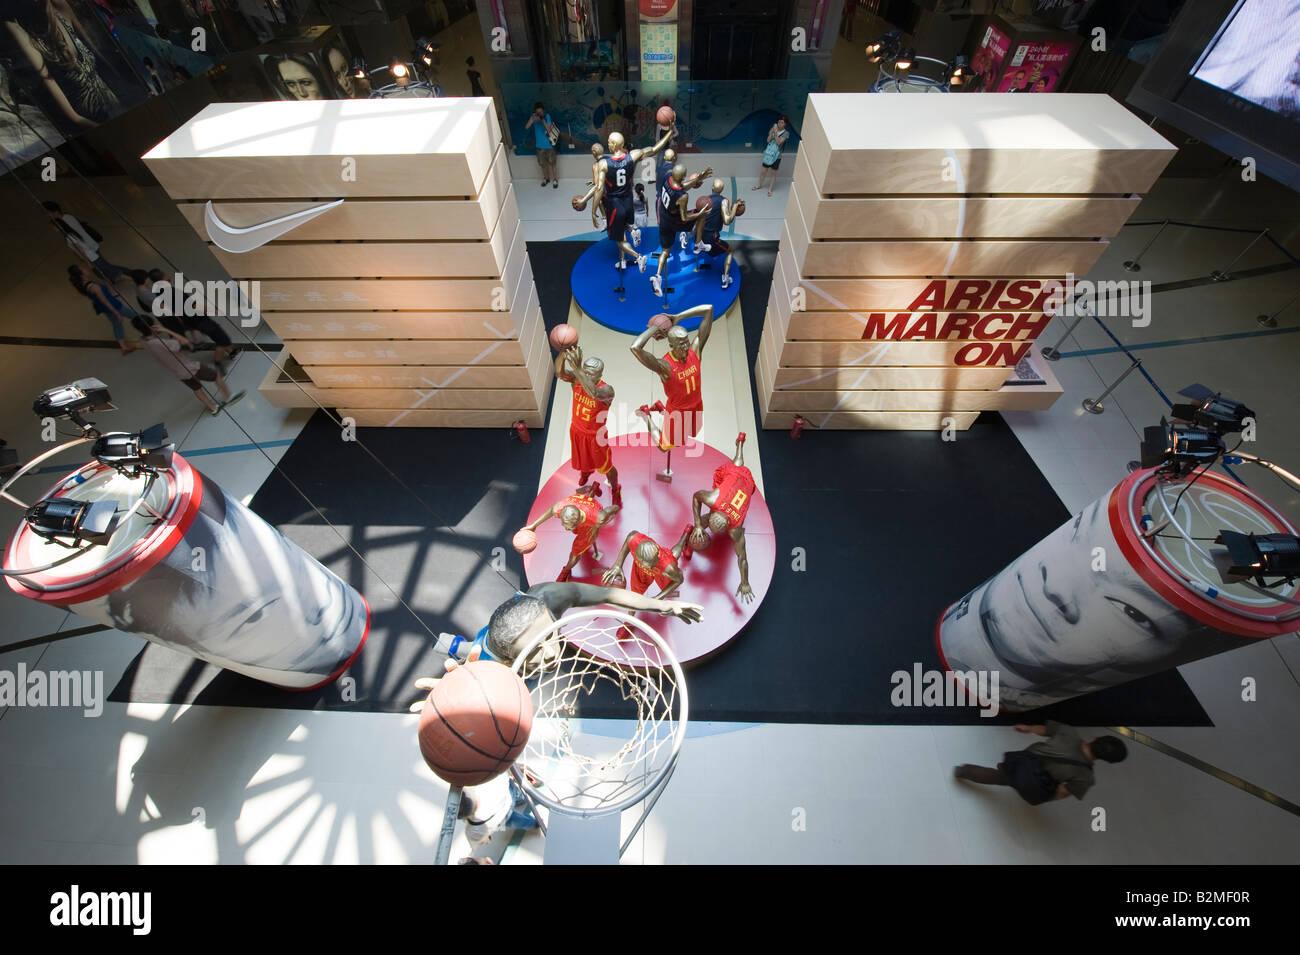 Wangfujing Shopping centre - Stock Image